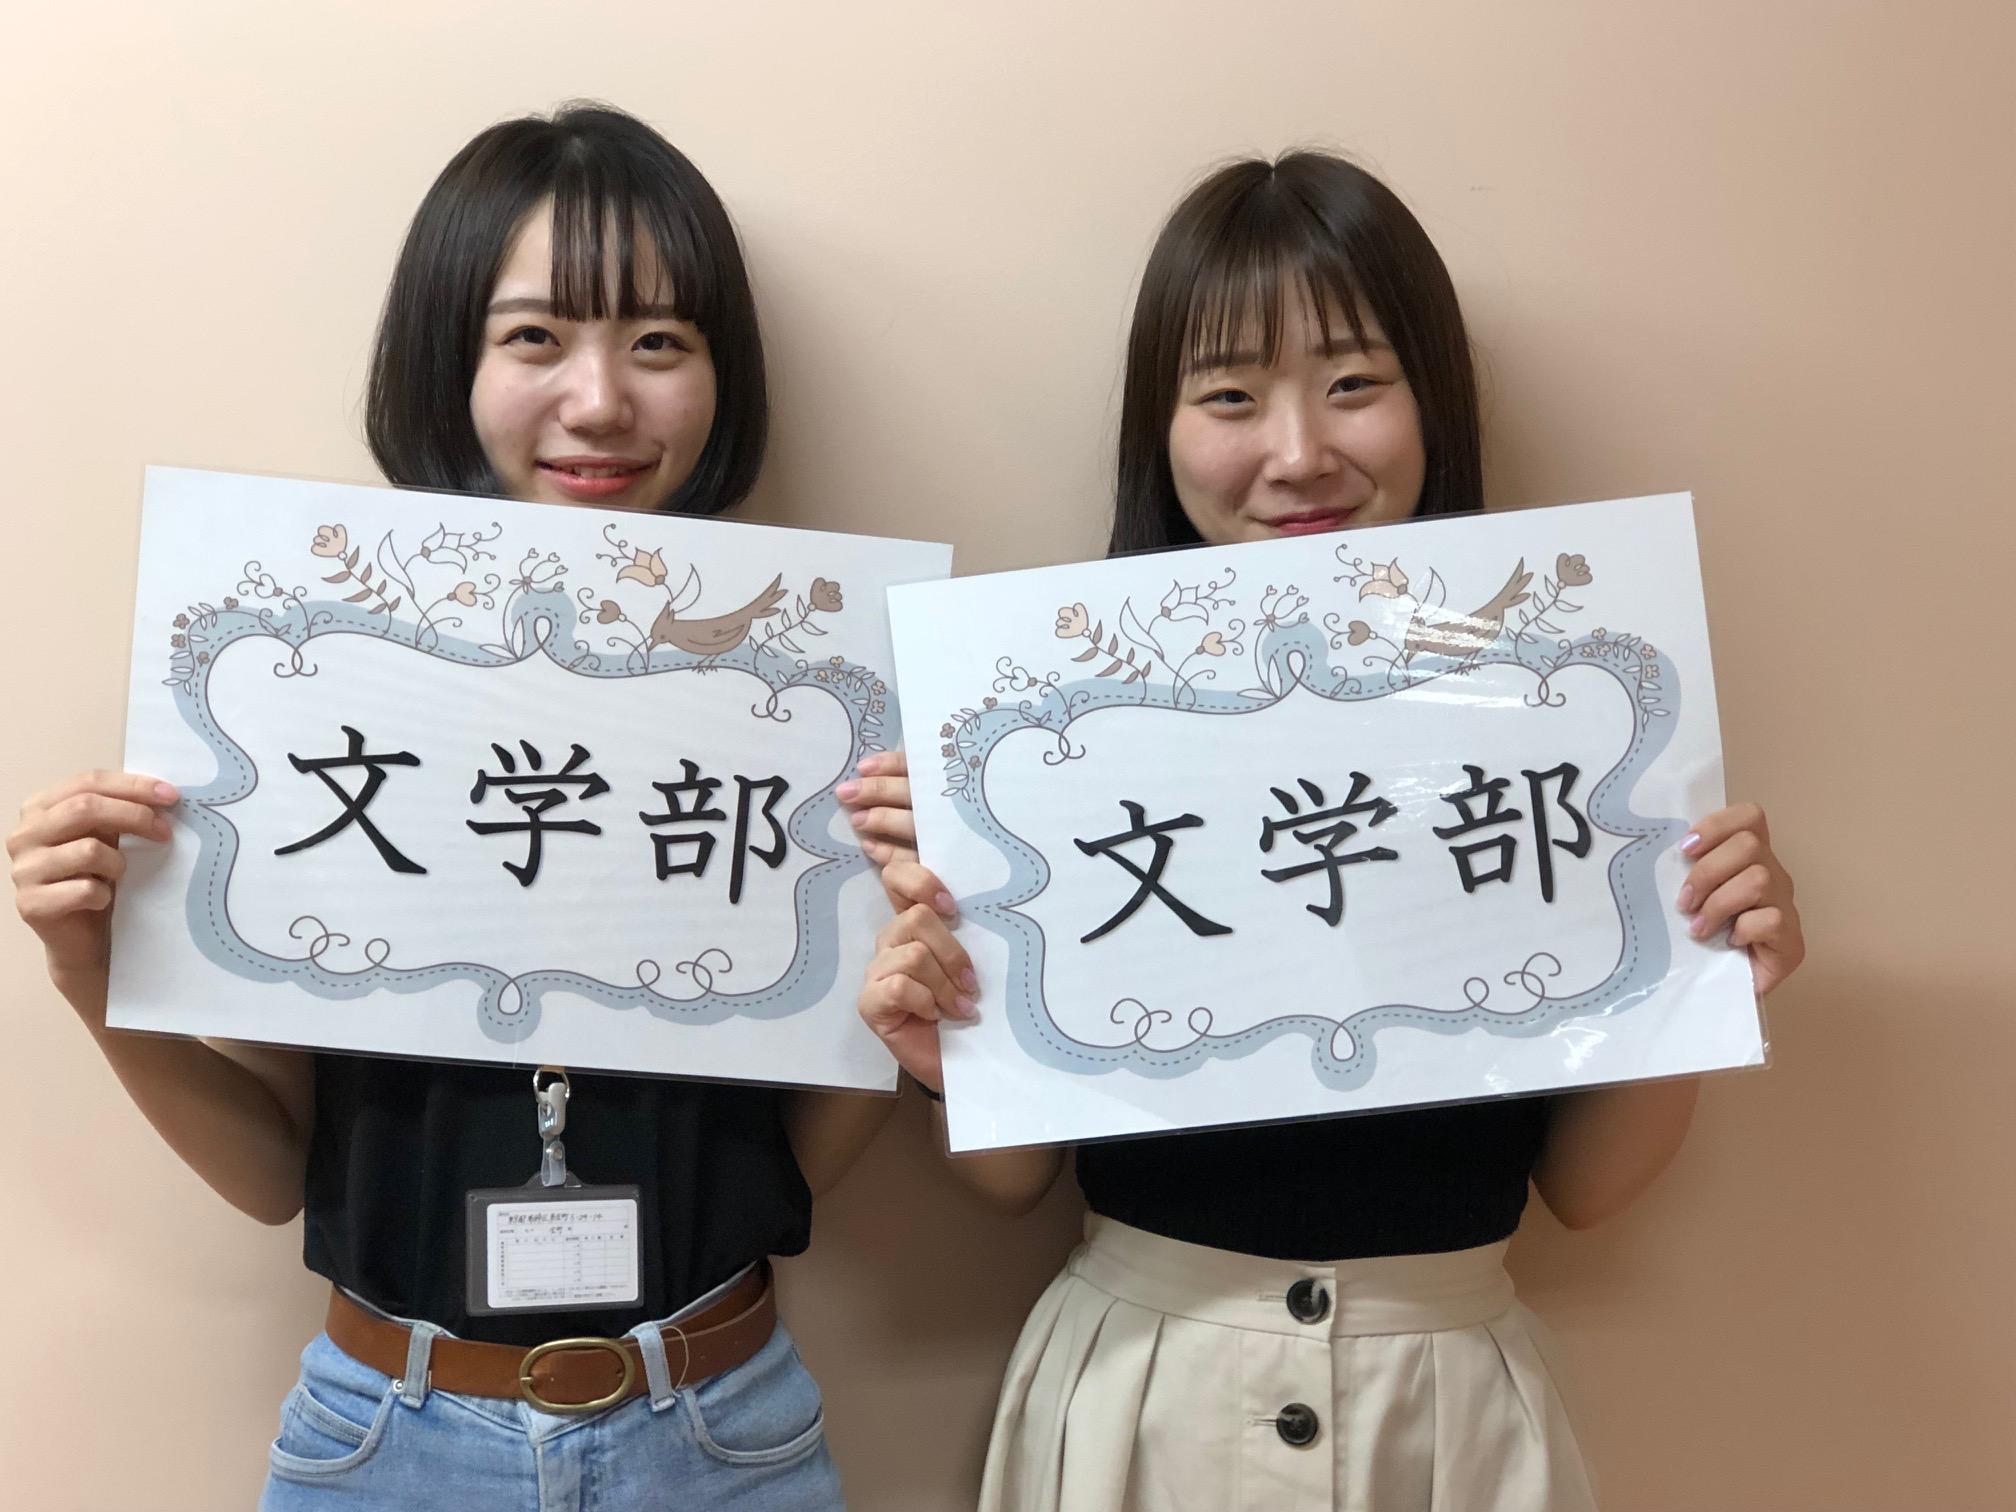 7月7日10:40~文学部説明会・学生による特別発表会も開催!